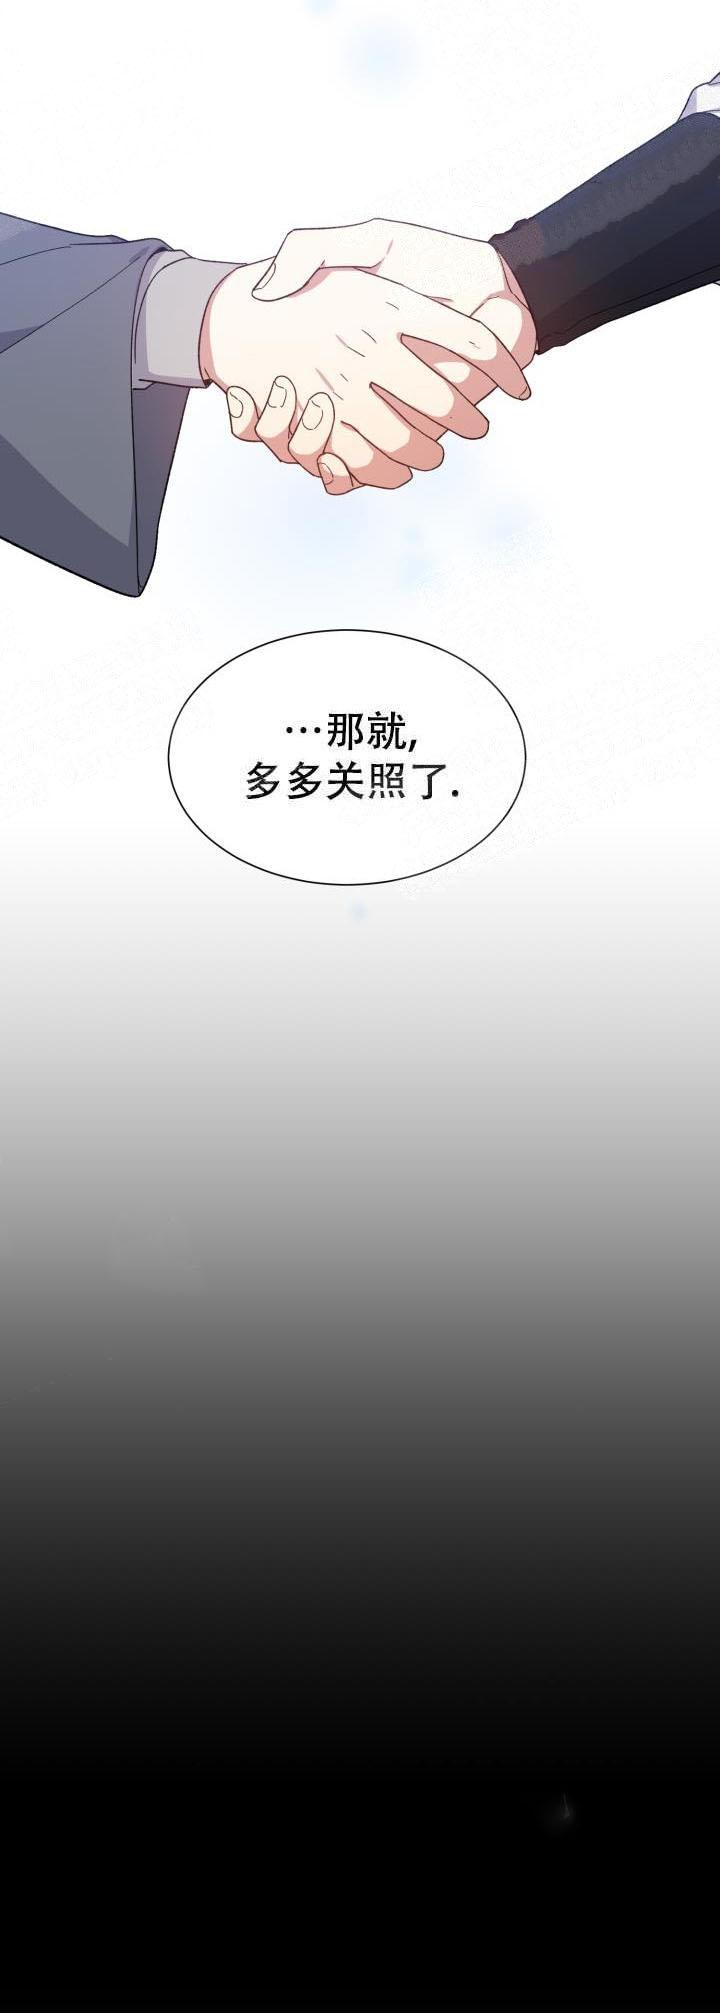 影子王冠-漫画免费阅读下拉式完整版全集资源-啵乐漫画